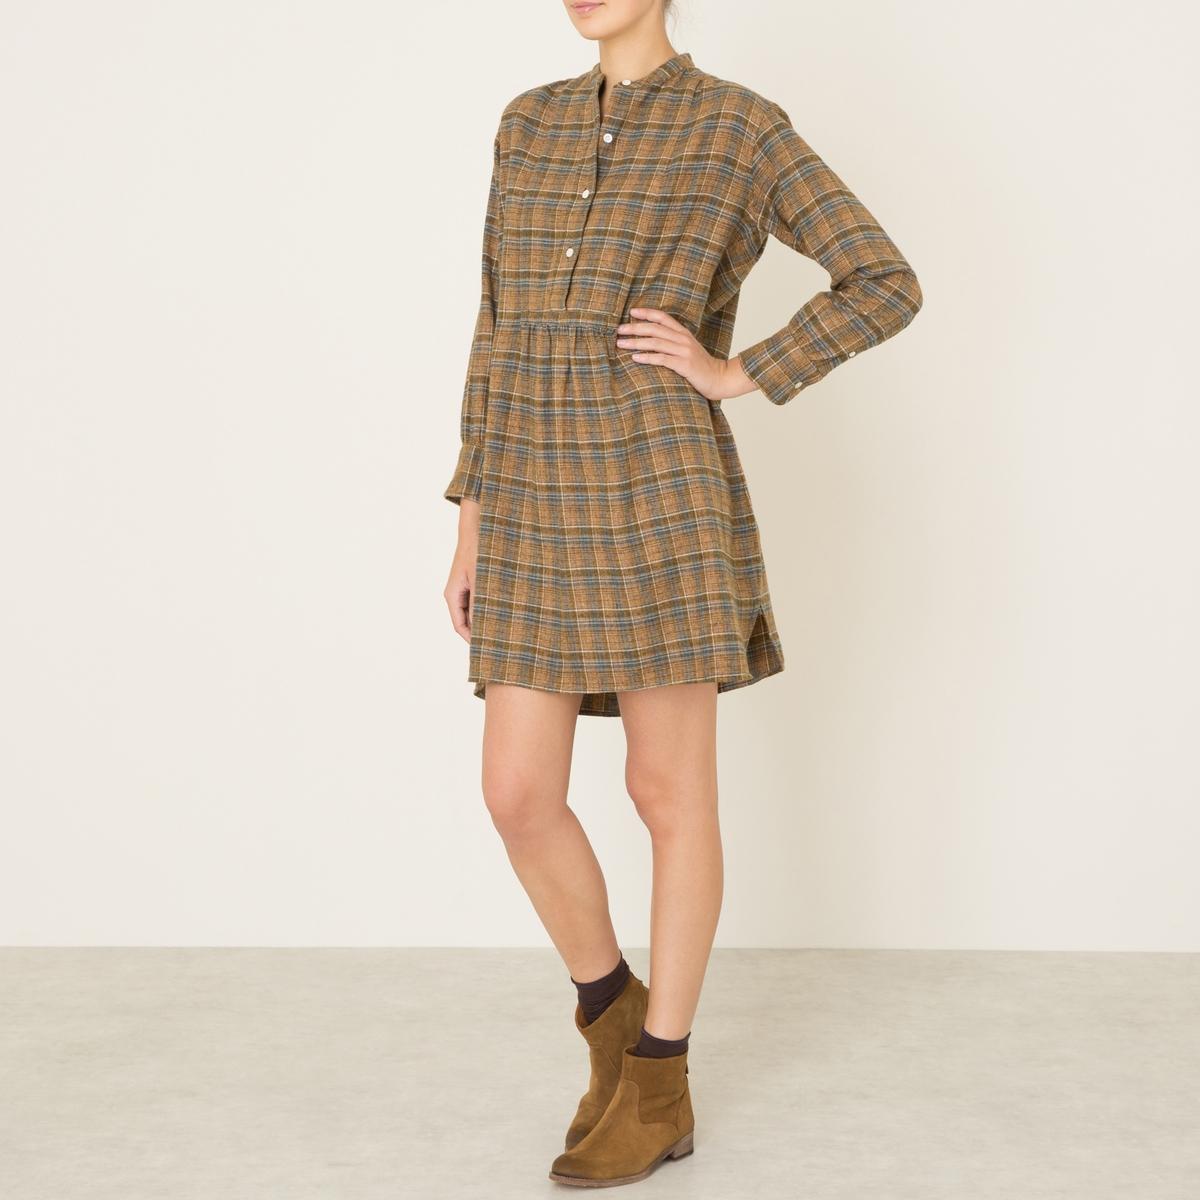 Платье ANITAПлатье SOEUR - модель ANITA. Небольшой воротник-стойка. Планка застежки на пуговицы. Складки под поясом. Длинные рукава на резинке.Состав и описание Материал : 100% хлопокМарка : SOEUR<br><br>Цвет: хаки